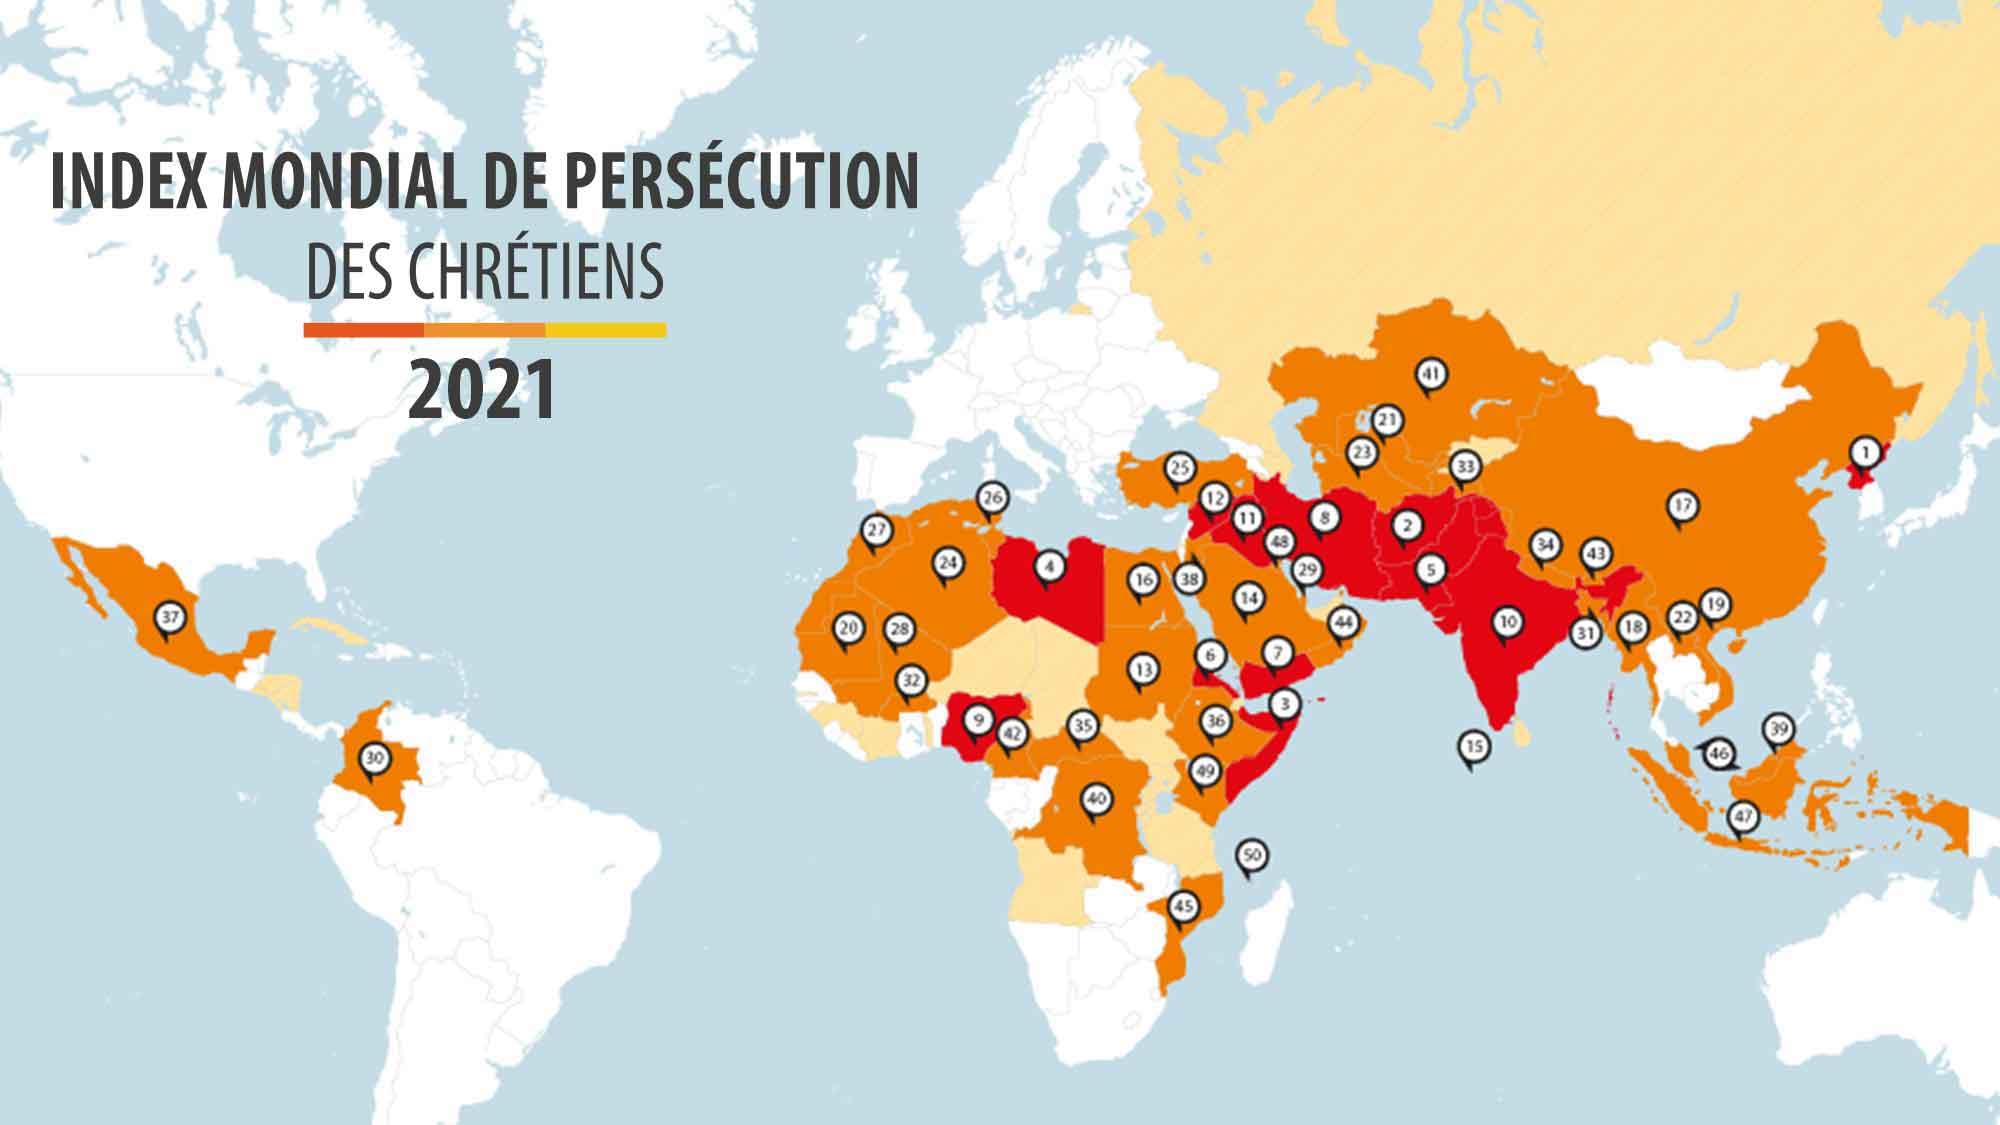 Po mappemonde index mondial de persecution des chretiens 2021